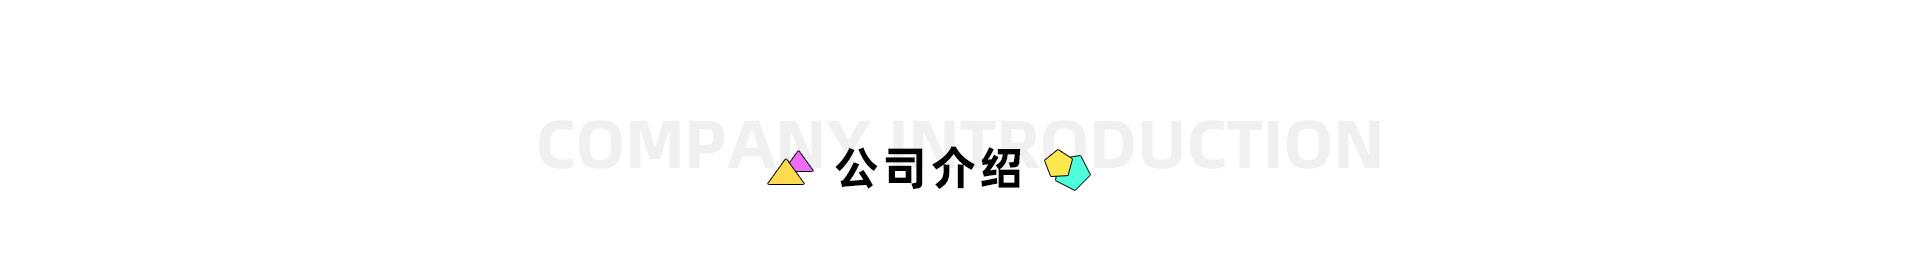 小科熊少儿编程详情_07